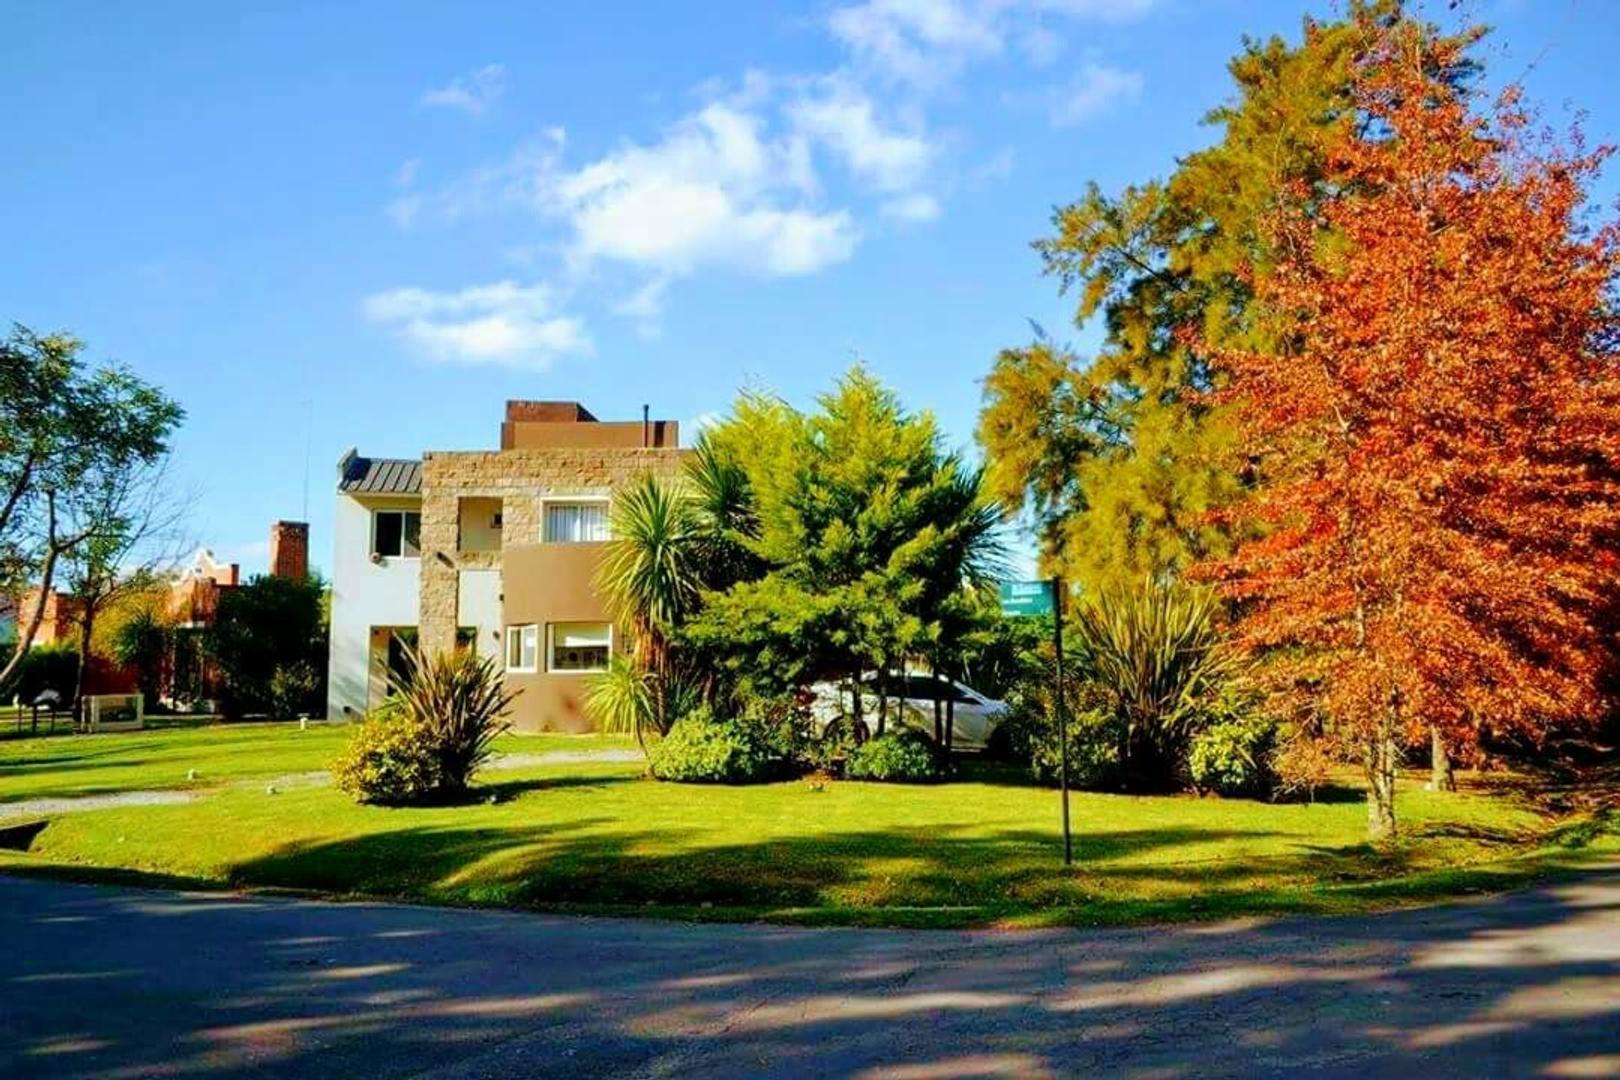 CLUB DE CAMPO EL LAUQUEN CASA 2 Plantas, 3 dormitorios, 3 baños, cochera, parque, piscina